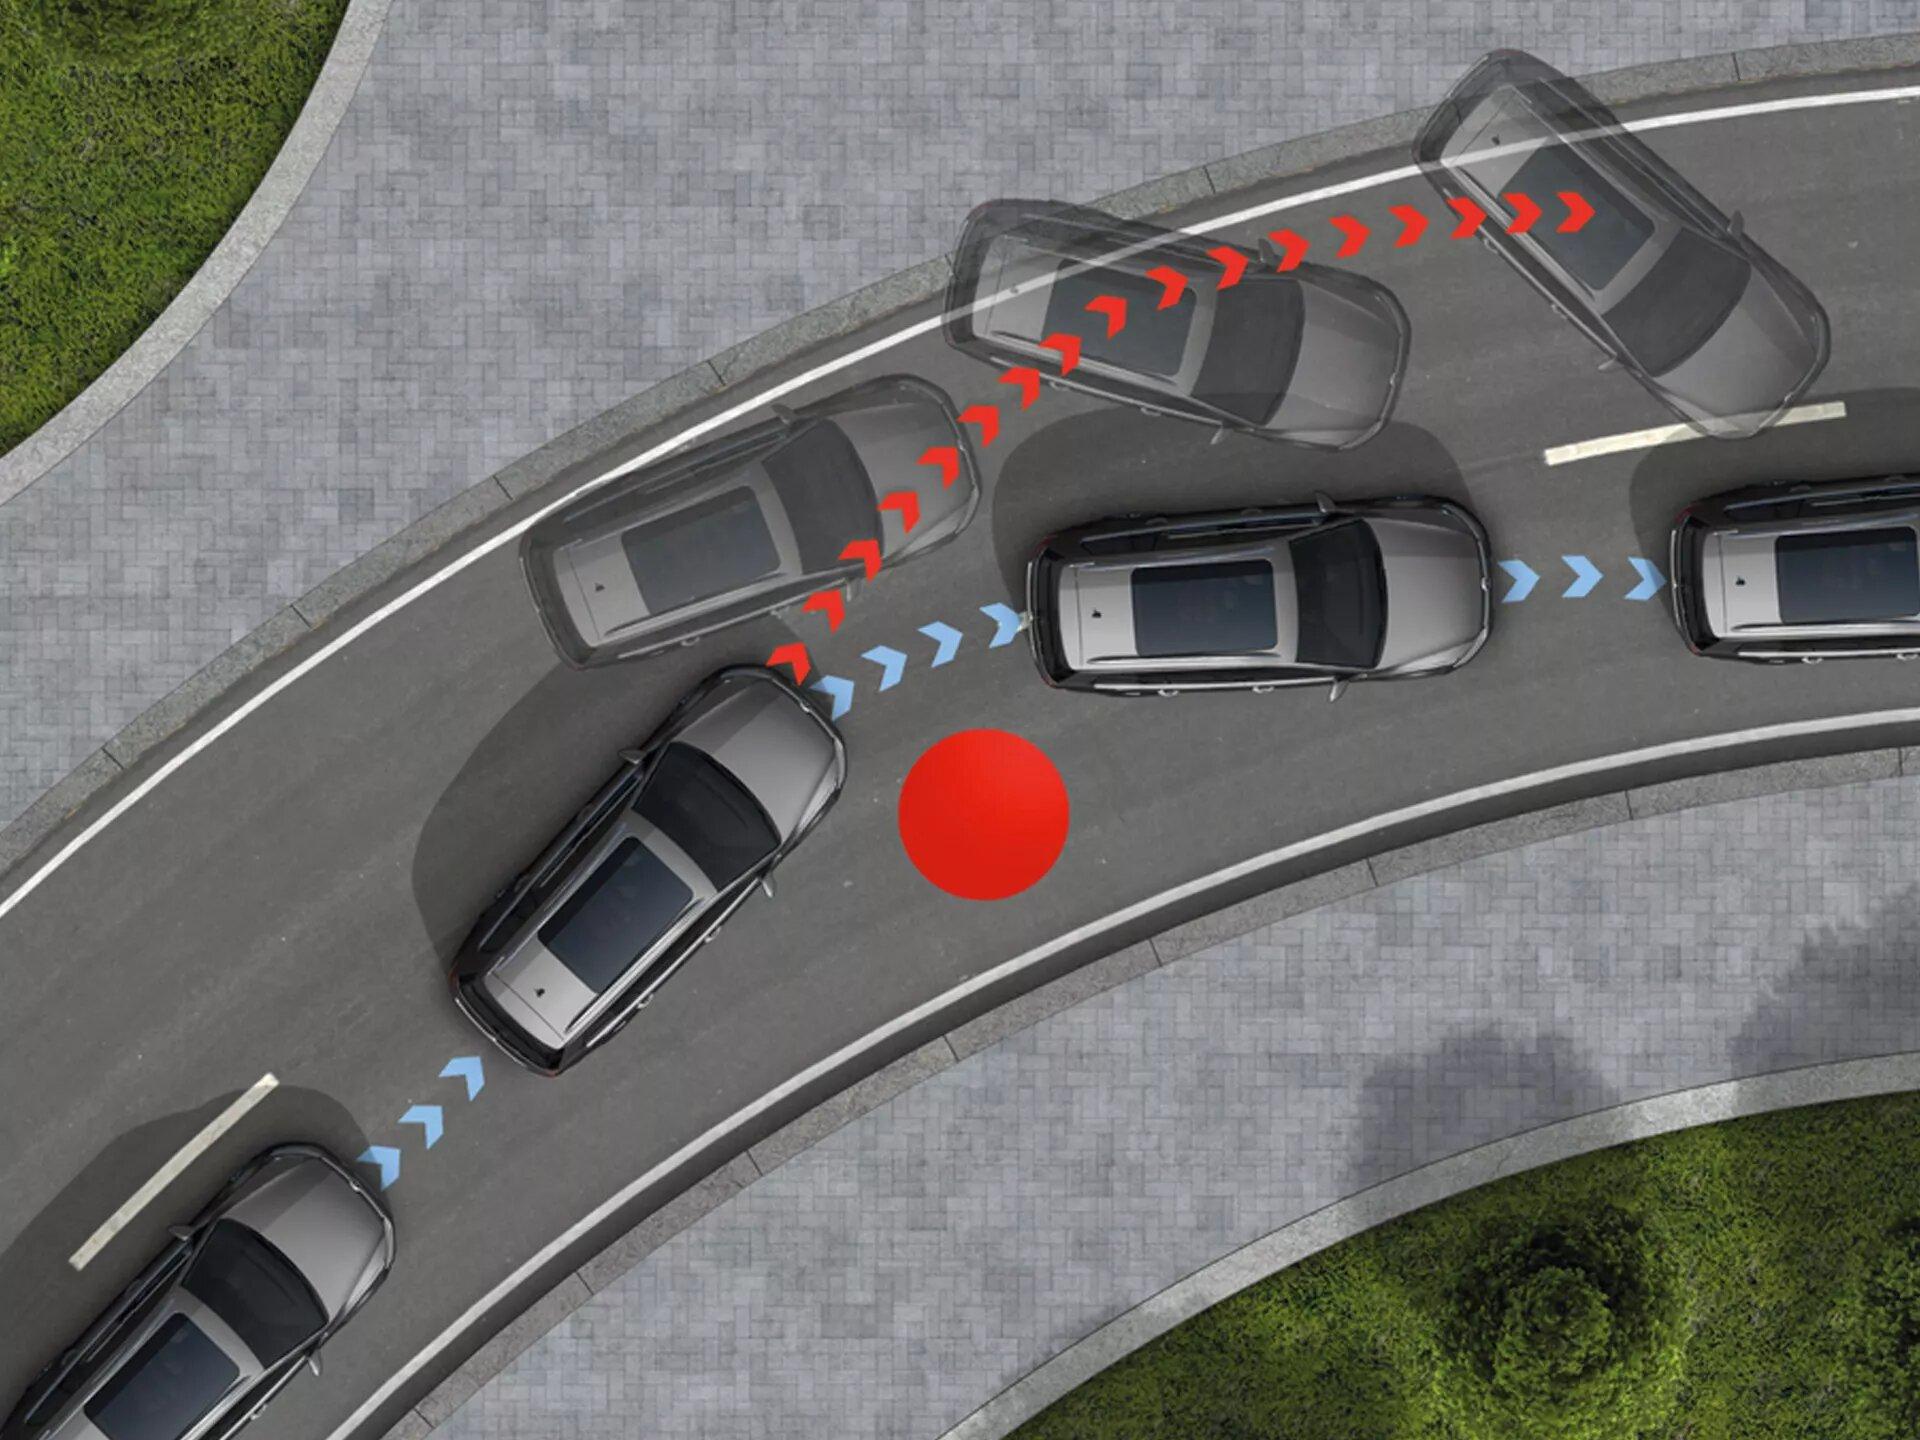 ESP - Más control y seguridad en la direccion | Nuevo Virtus GTS | Andina Volkswagen